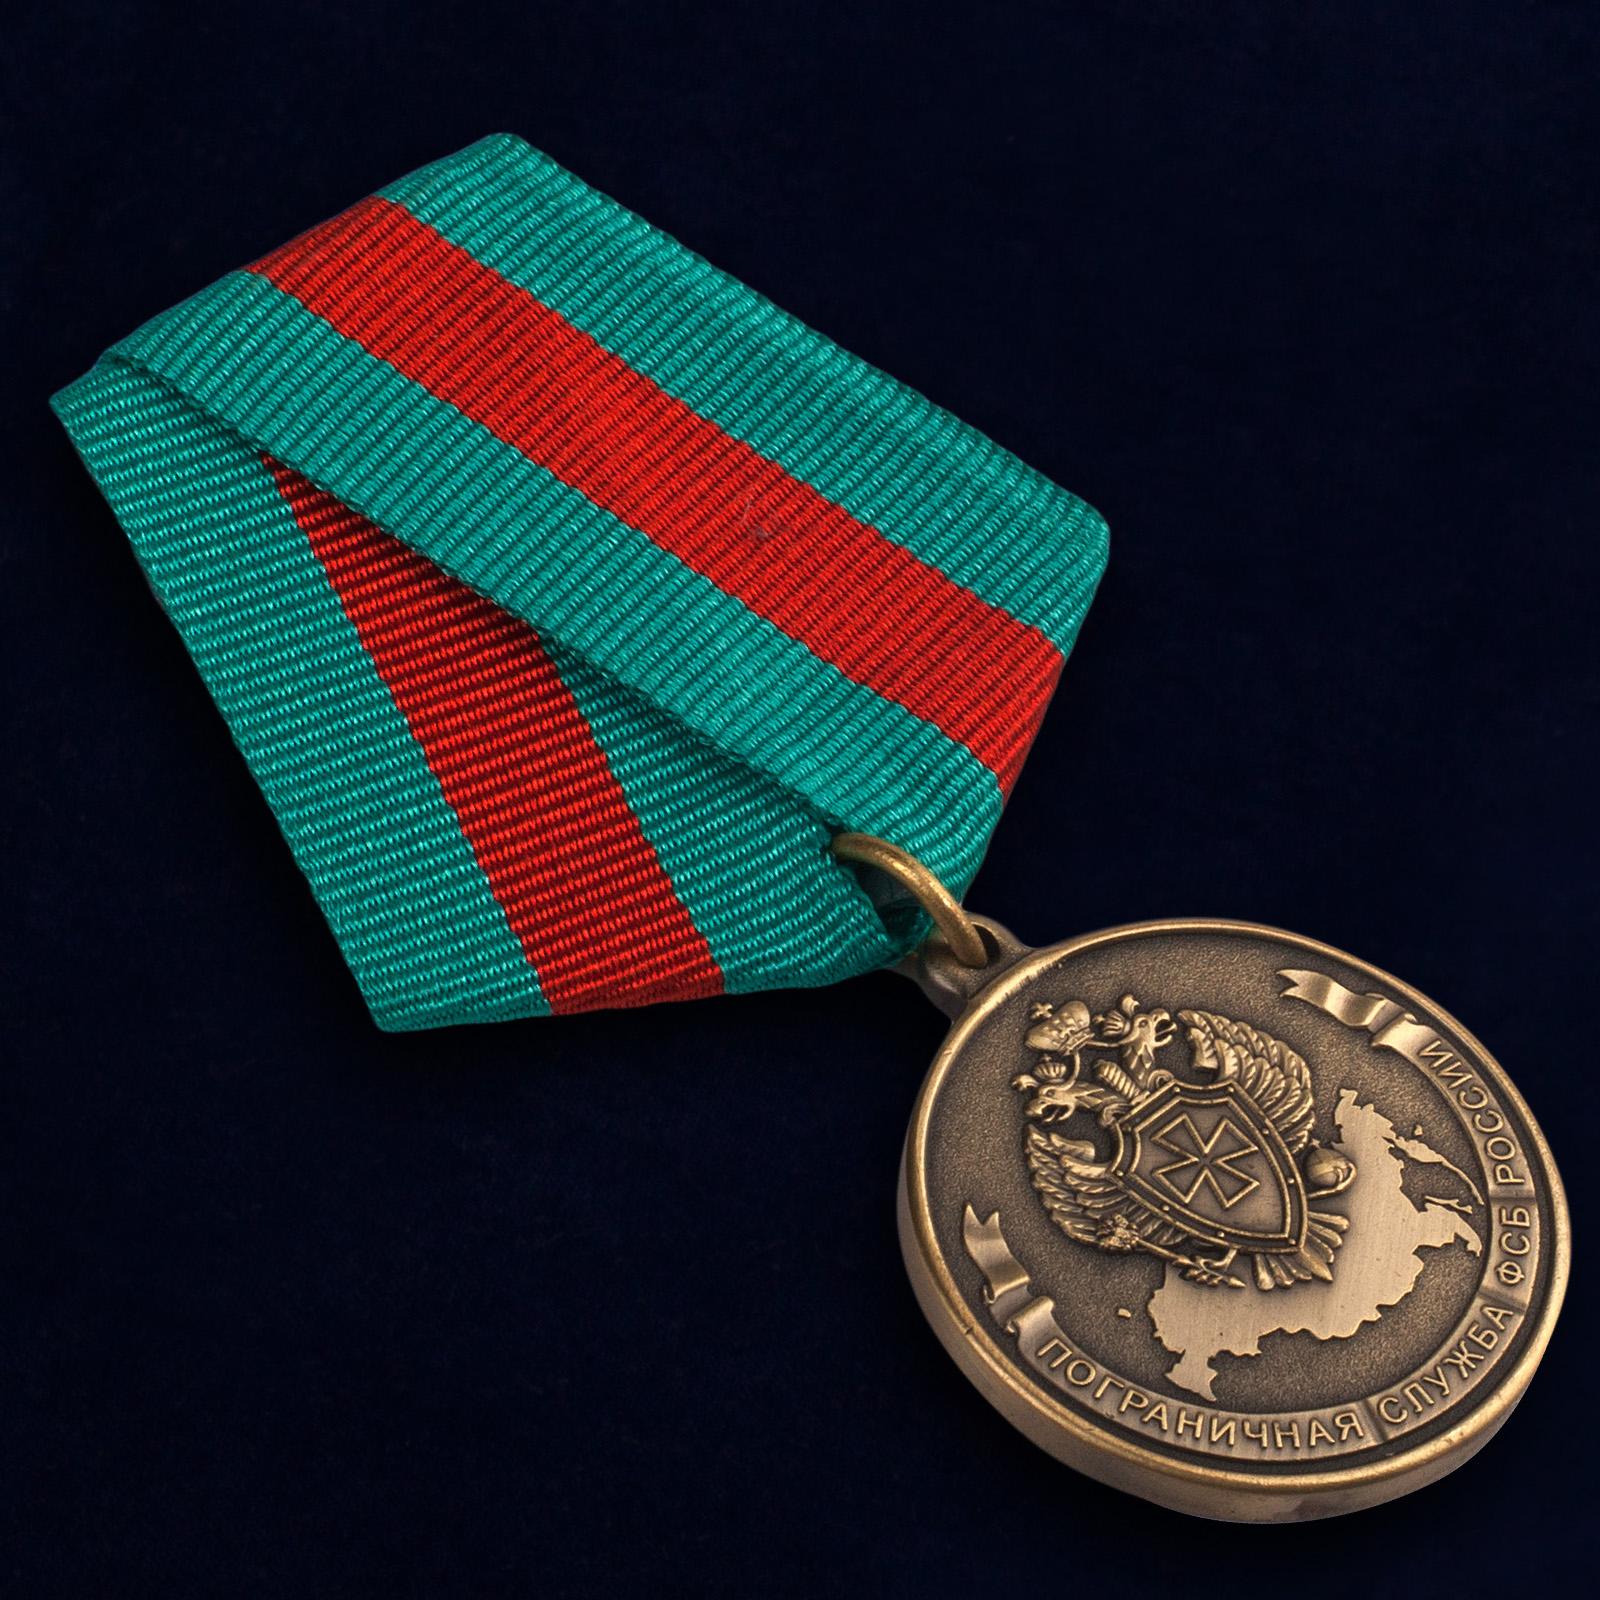 Медаль Ветеран Погранслужбы ФСБ РФ в футляре из флока с прозрачной крышкой - общий вид